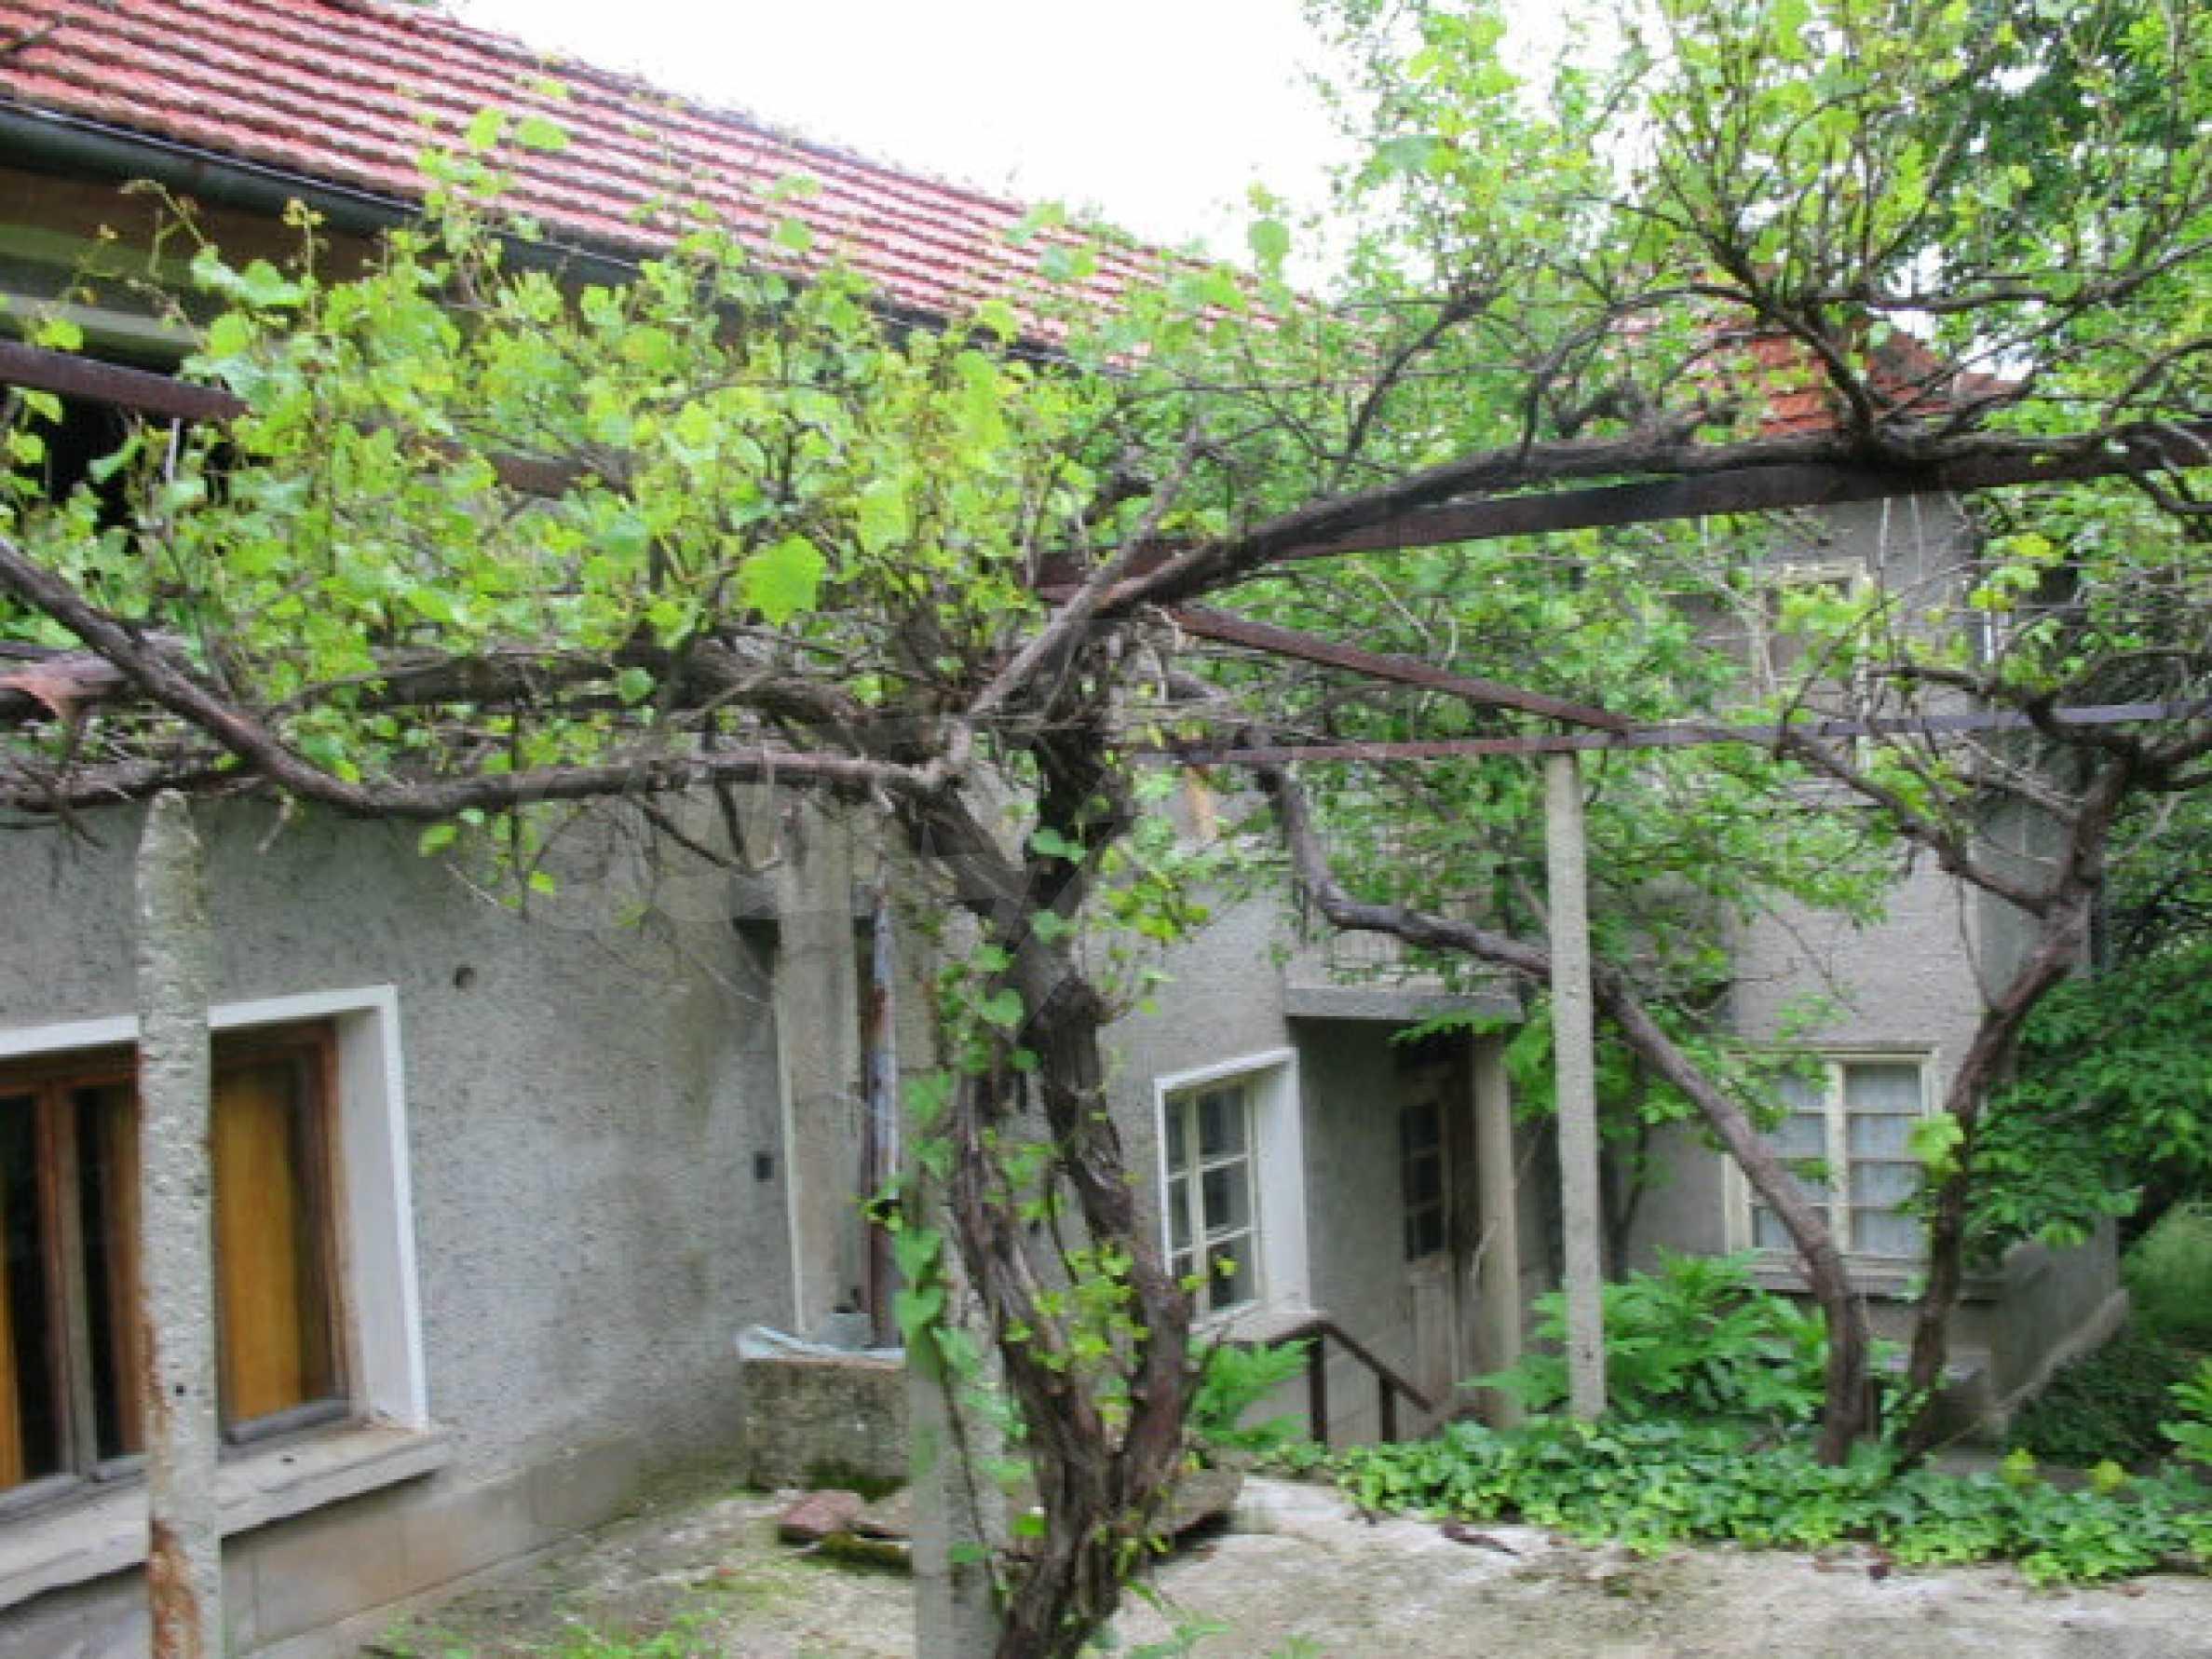 Двуетажна къща с голям двор в китно селце на 10 км. от град Габрово 24